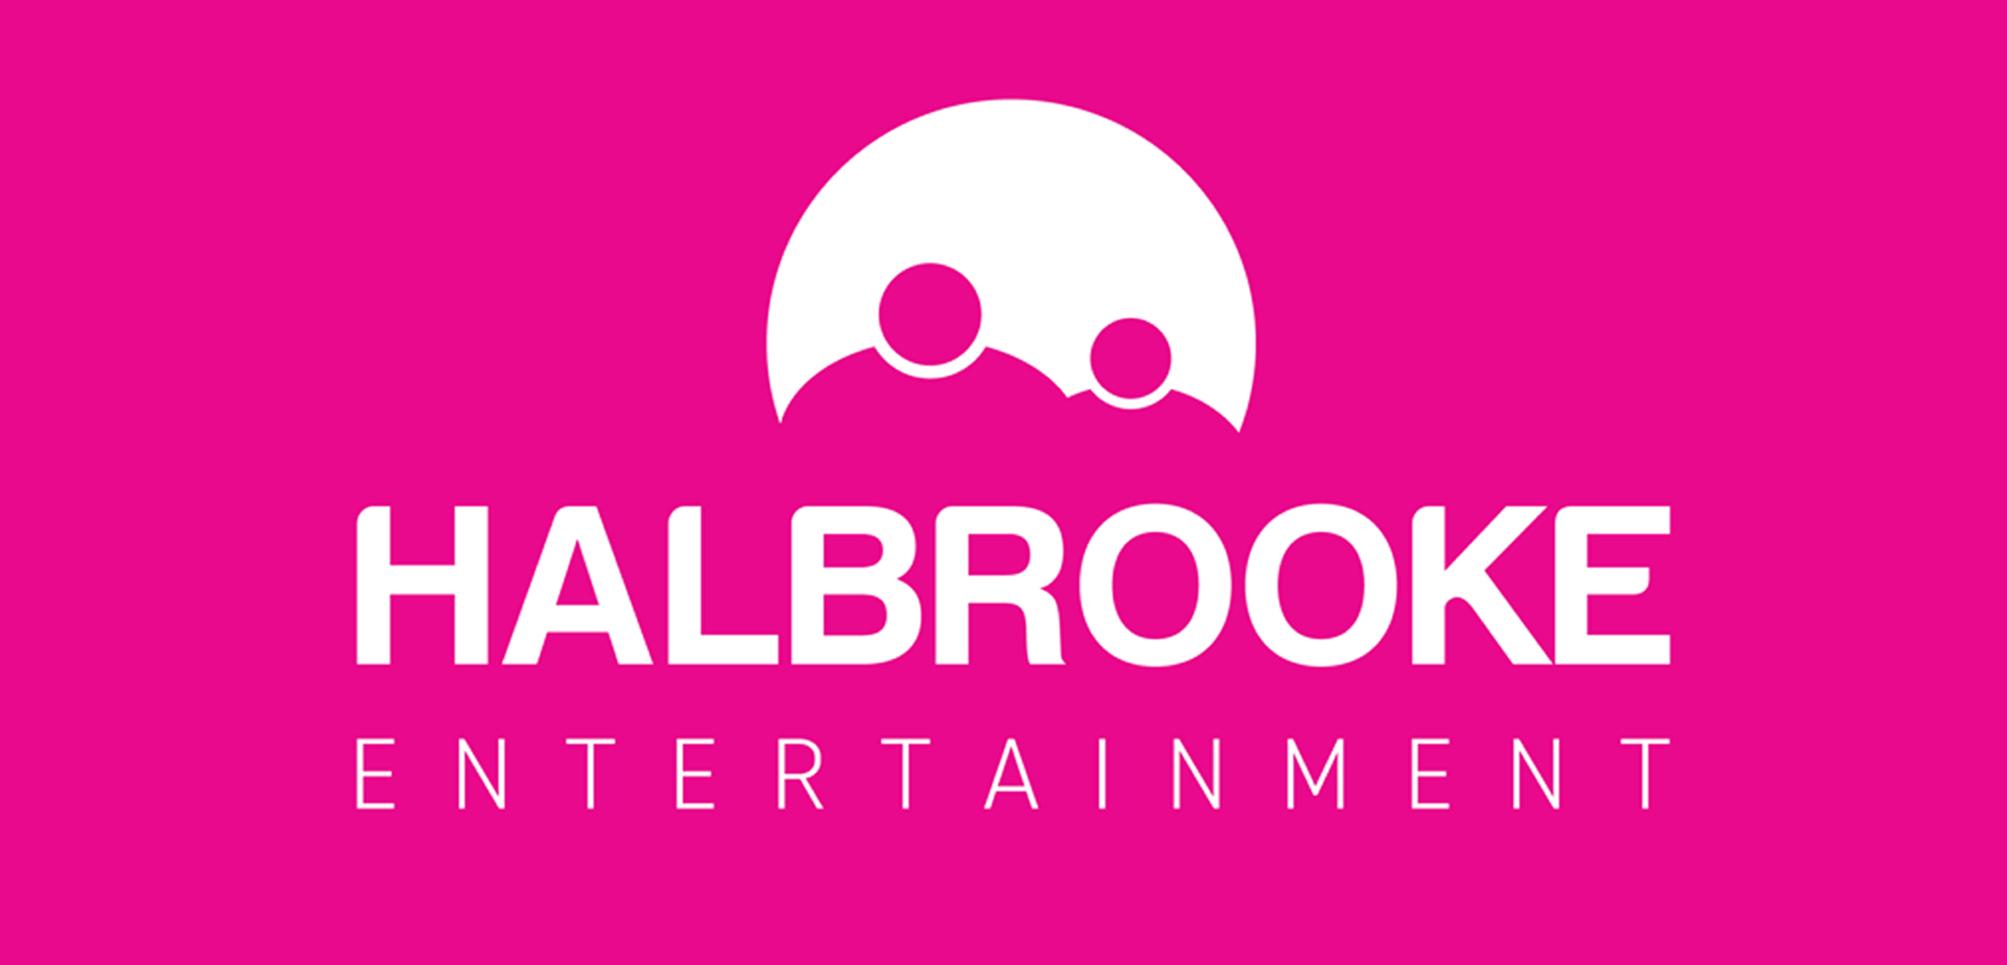 HalBrooke Entertainment